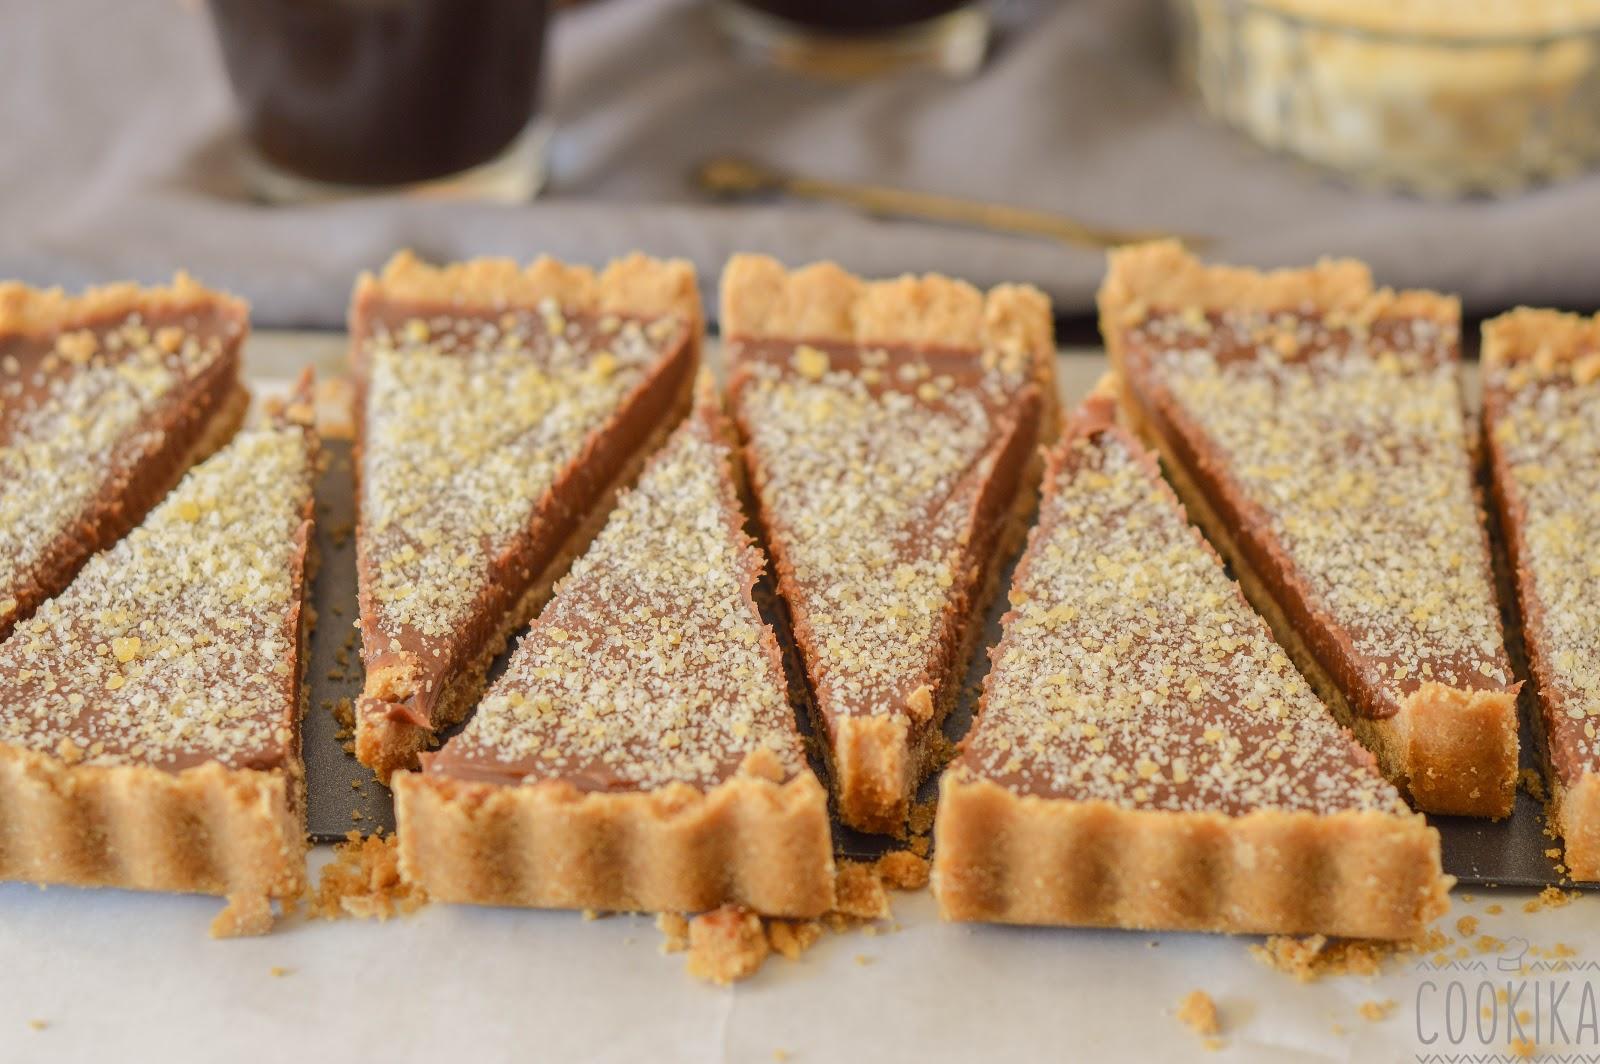 ... αμυγδαλου   Milk Chocolate Tart with Almond Praline